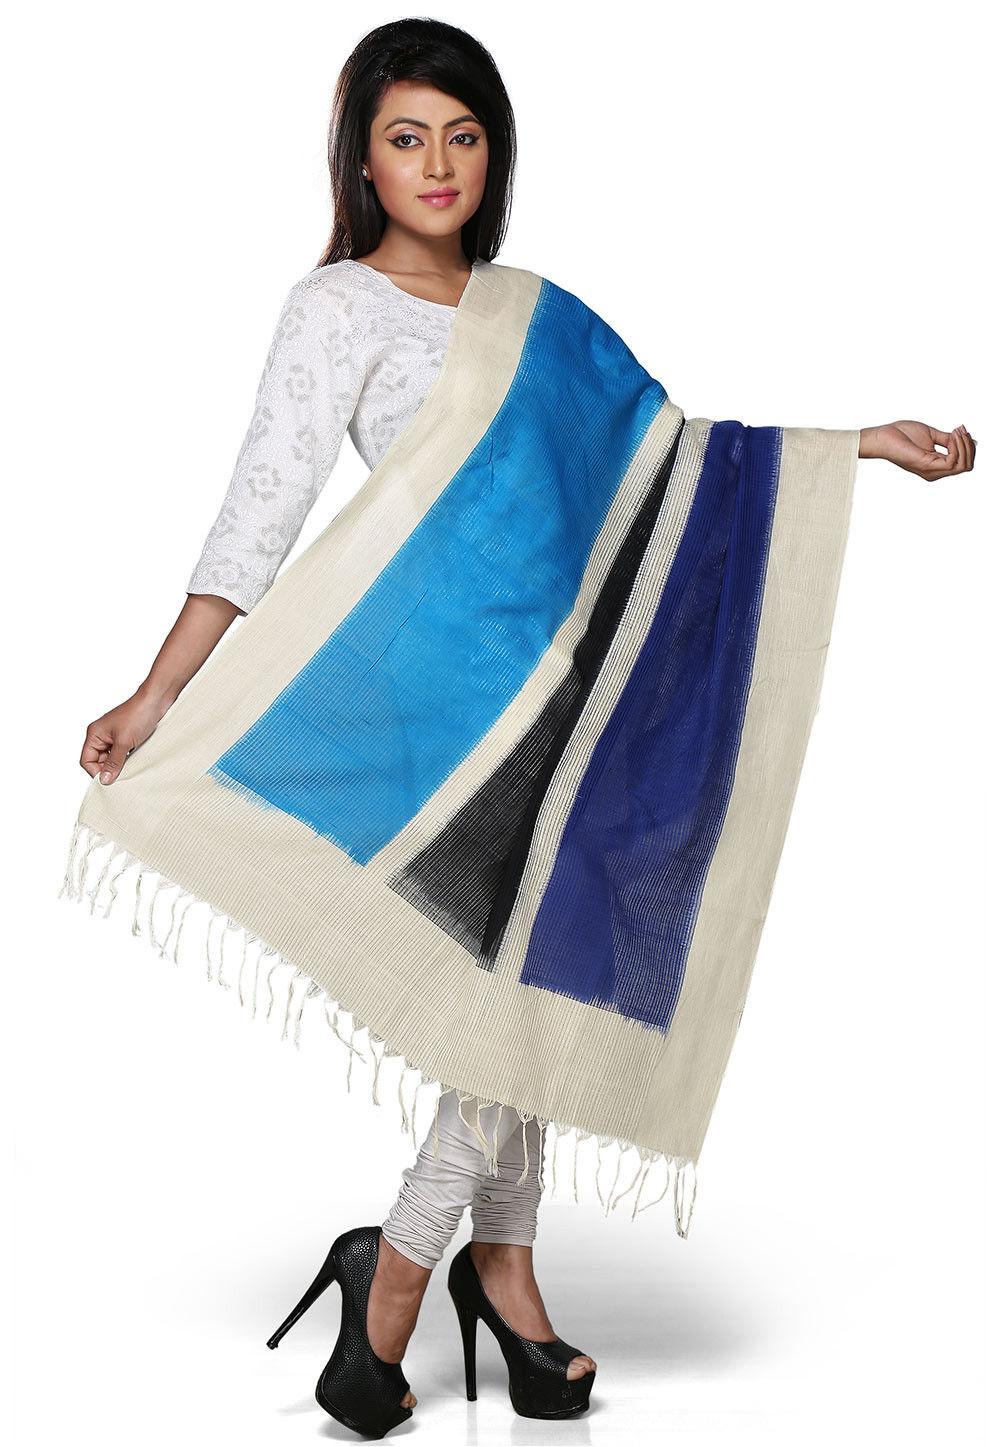 Handloom Cotton Dupatta In Multicolor